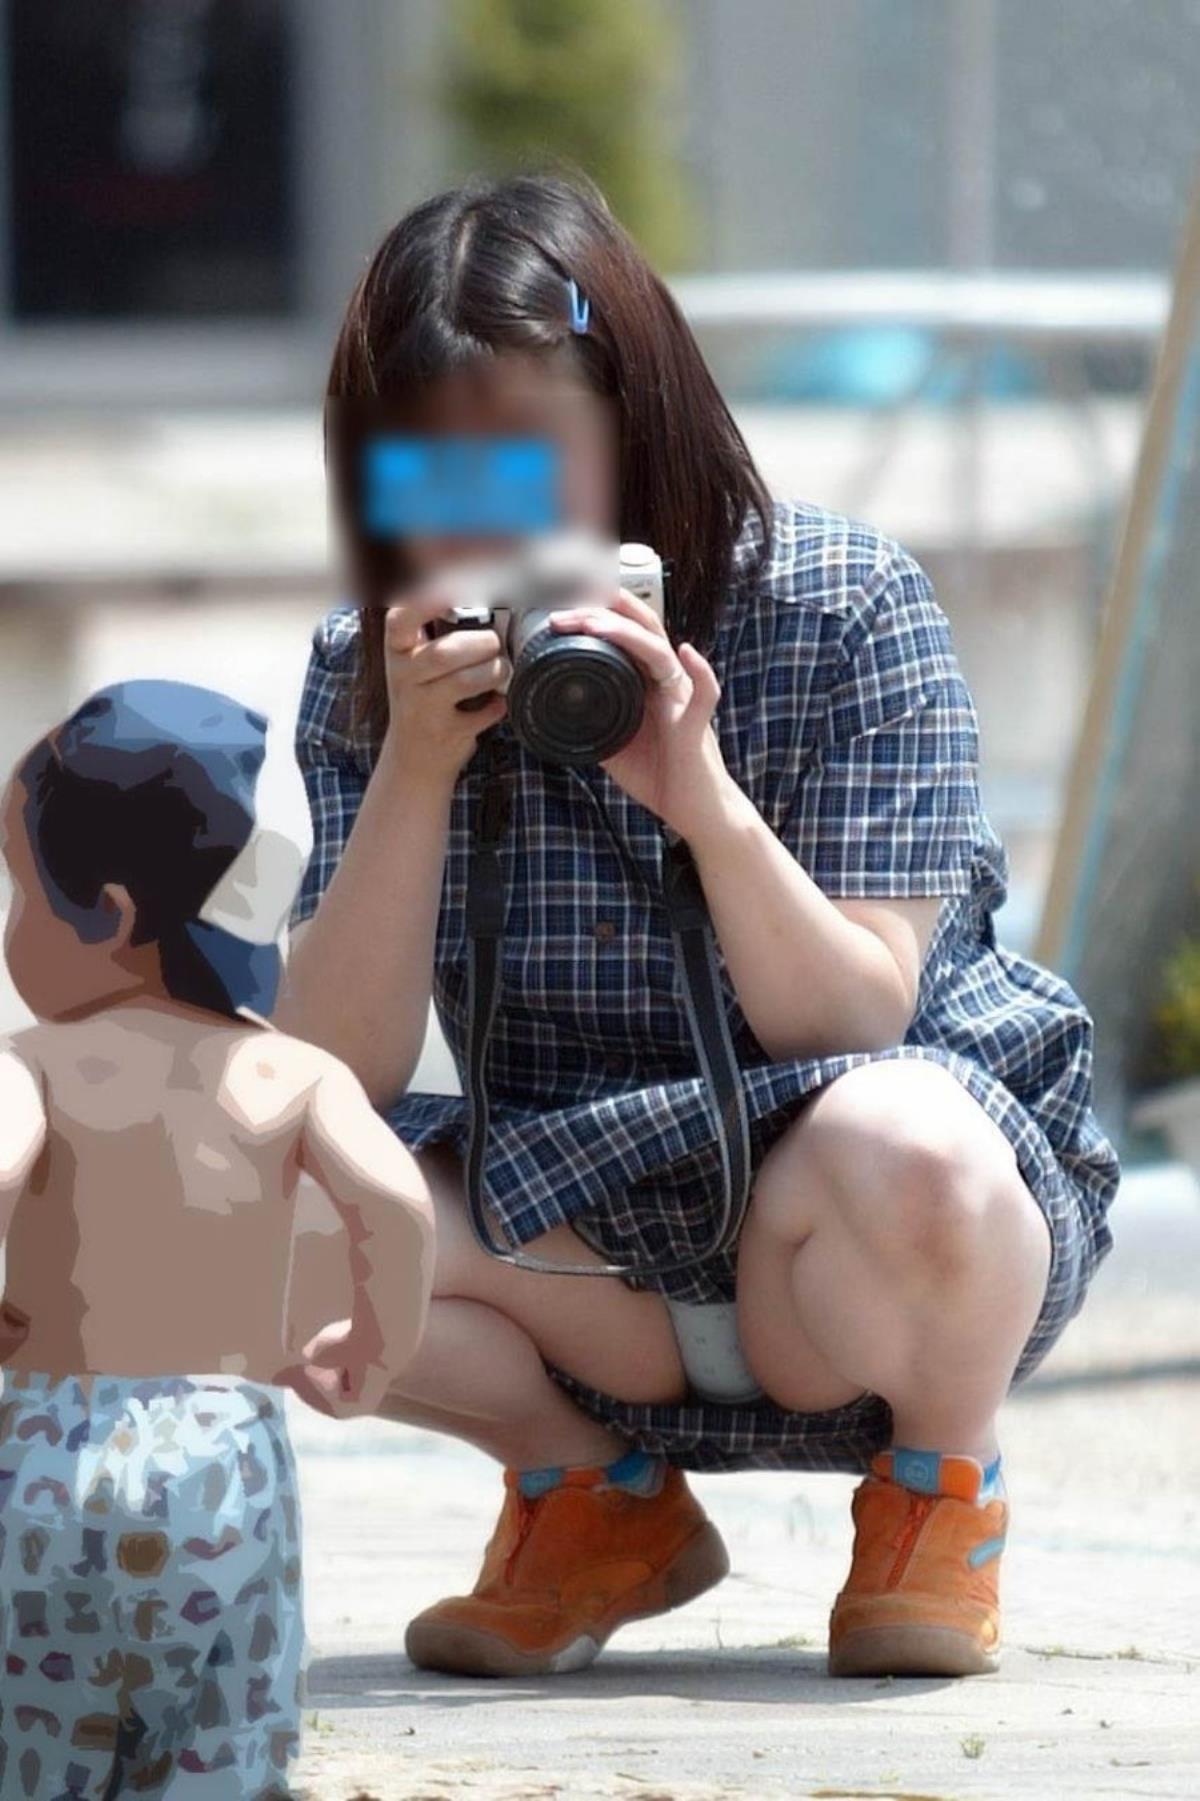 子供の写真を撮りながらパンチラしてる!